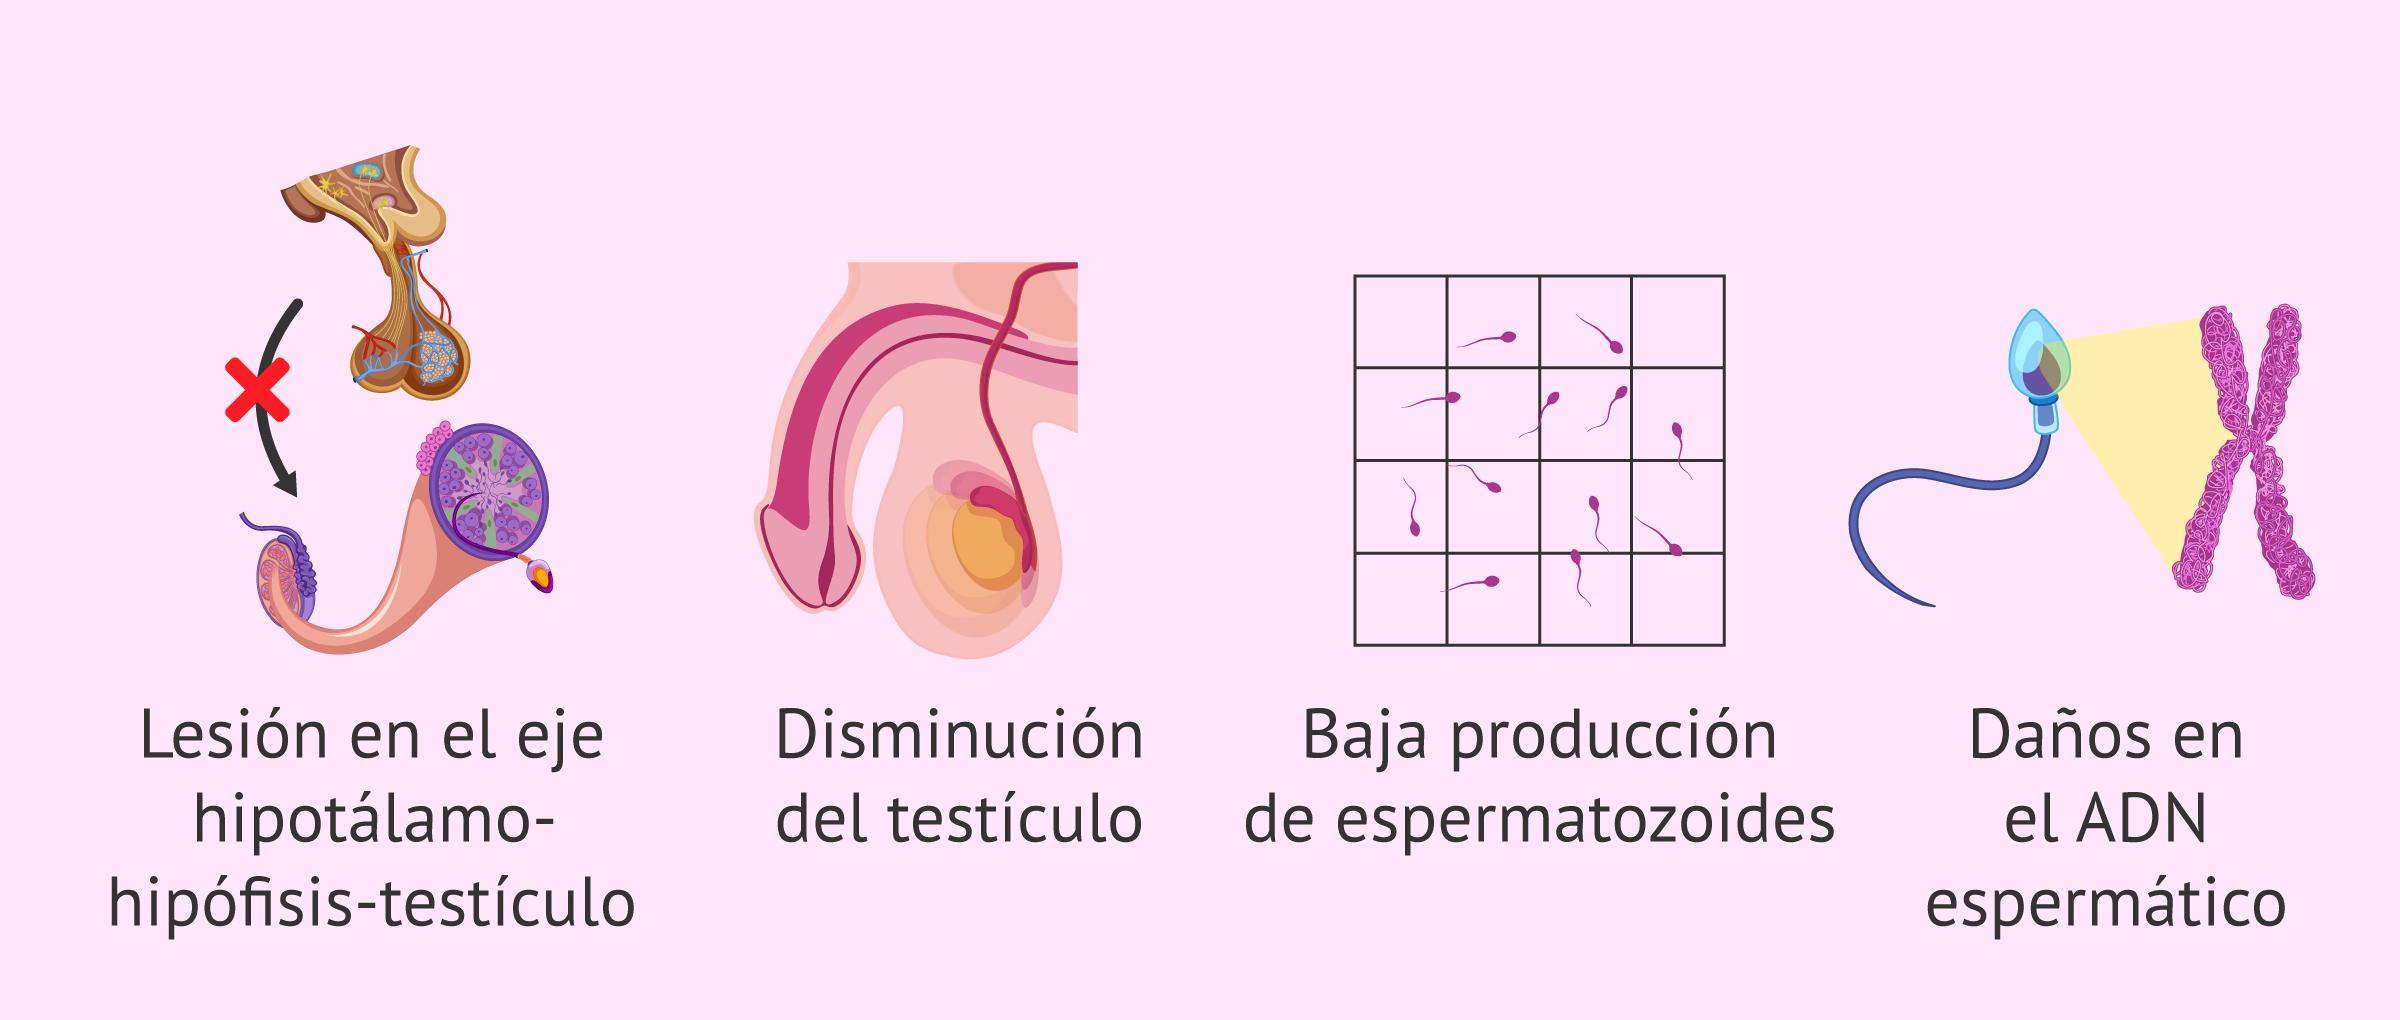 Consecuencias del varicocele en la fertilidad